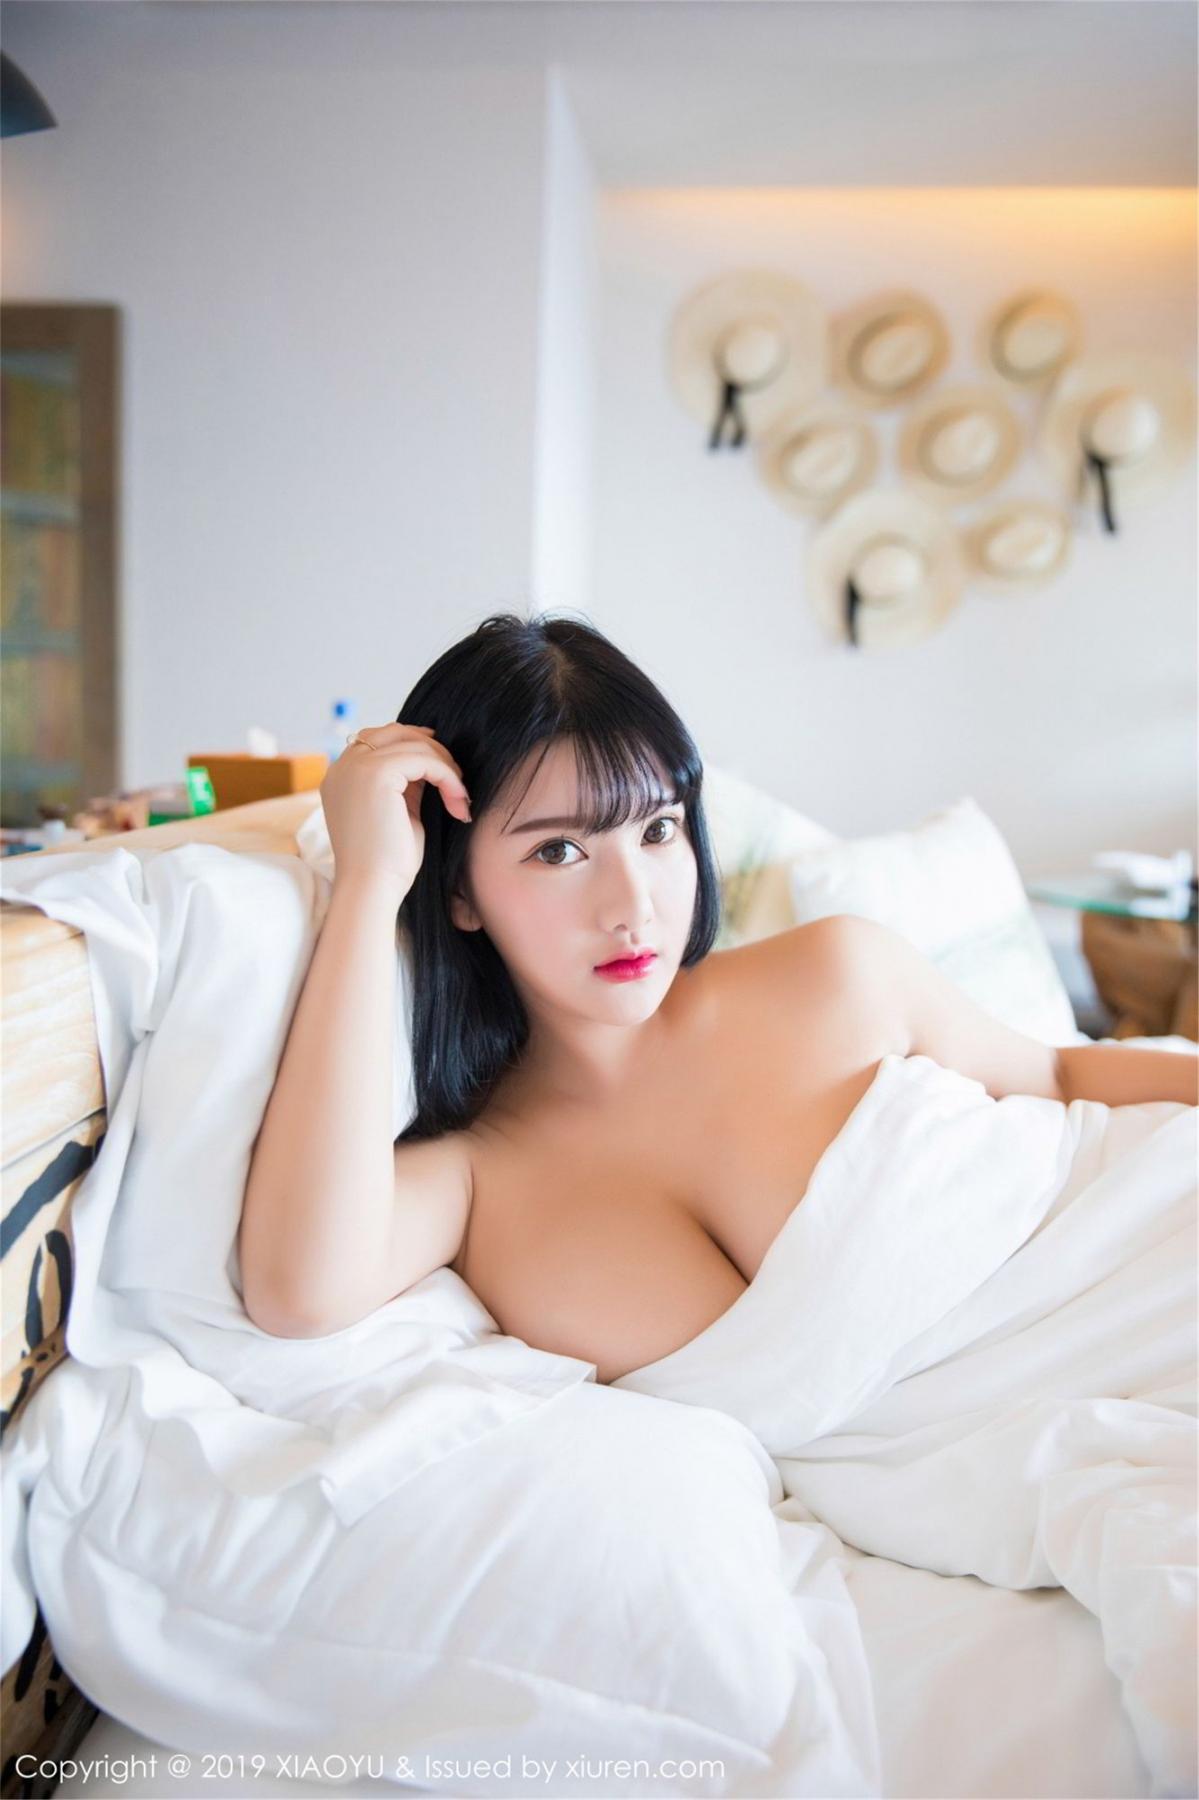 [XiaoYu] Vol.070 Lu Lu Xiao Miao 7P, Baby Face Big Boobs, Lovely, Lu Lu Xiao Miao, XiaoYu